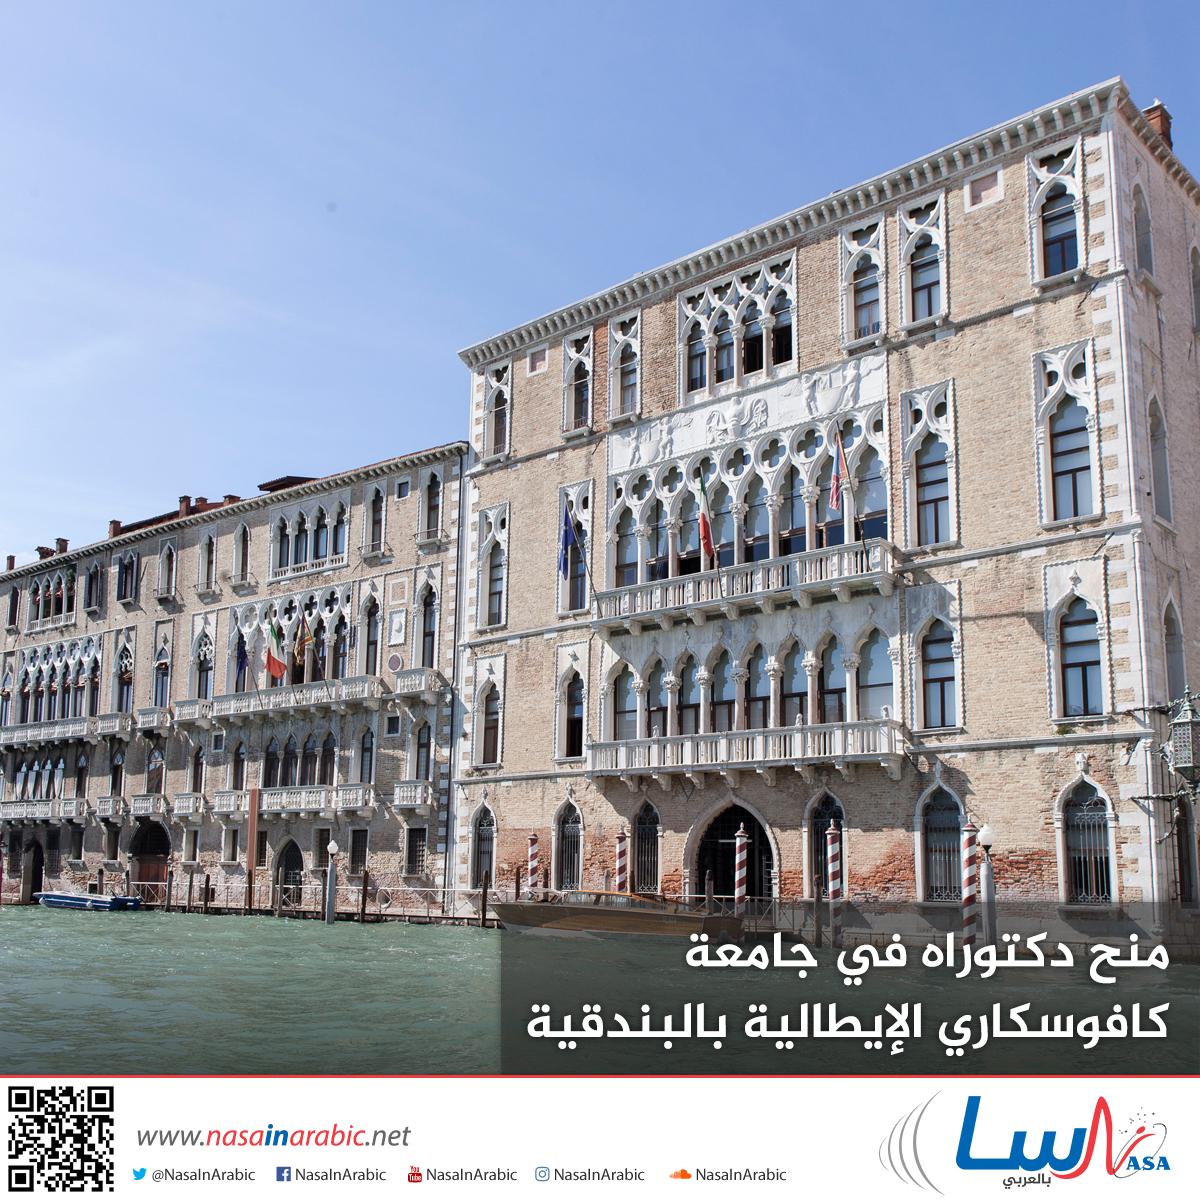 منح دكتوراه في جامعة كافوسكاري الإيطالية بالبندقية